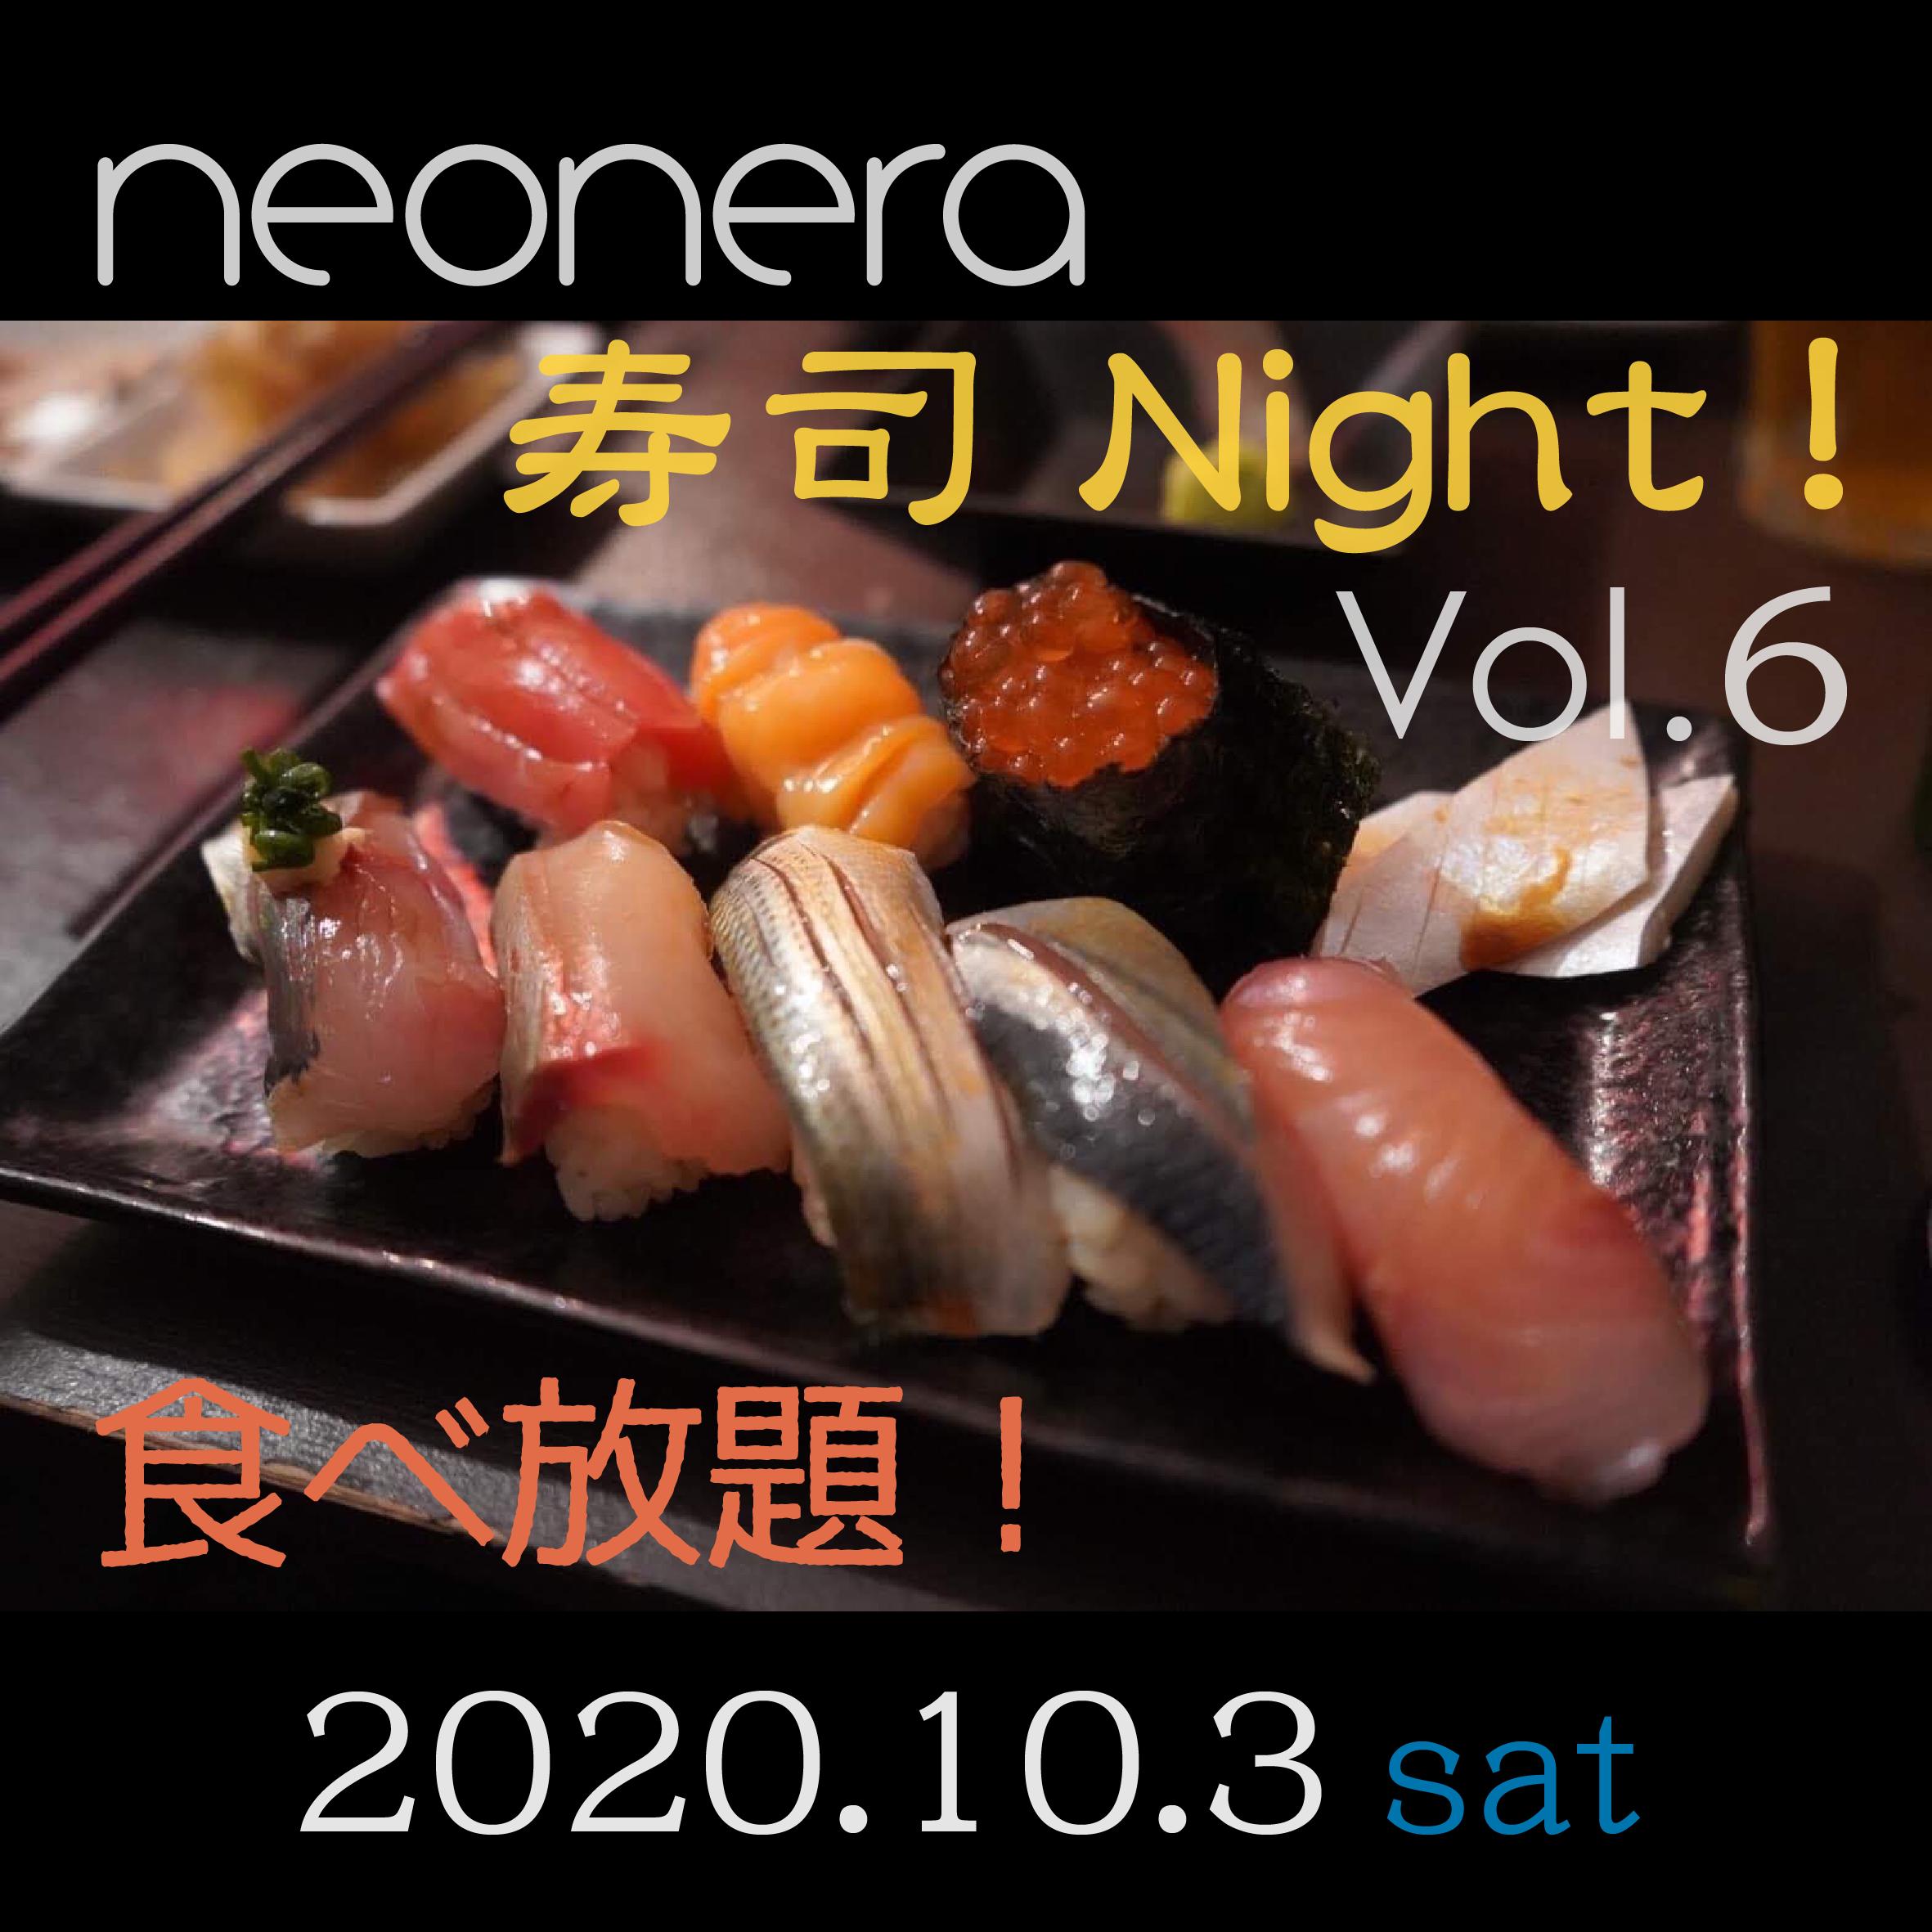 10月3日(土)寿司Night Vol.6